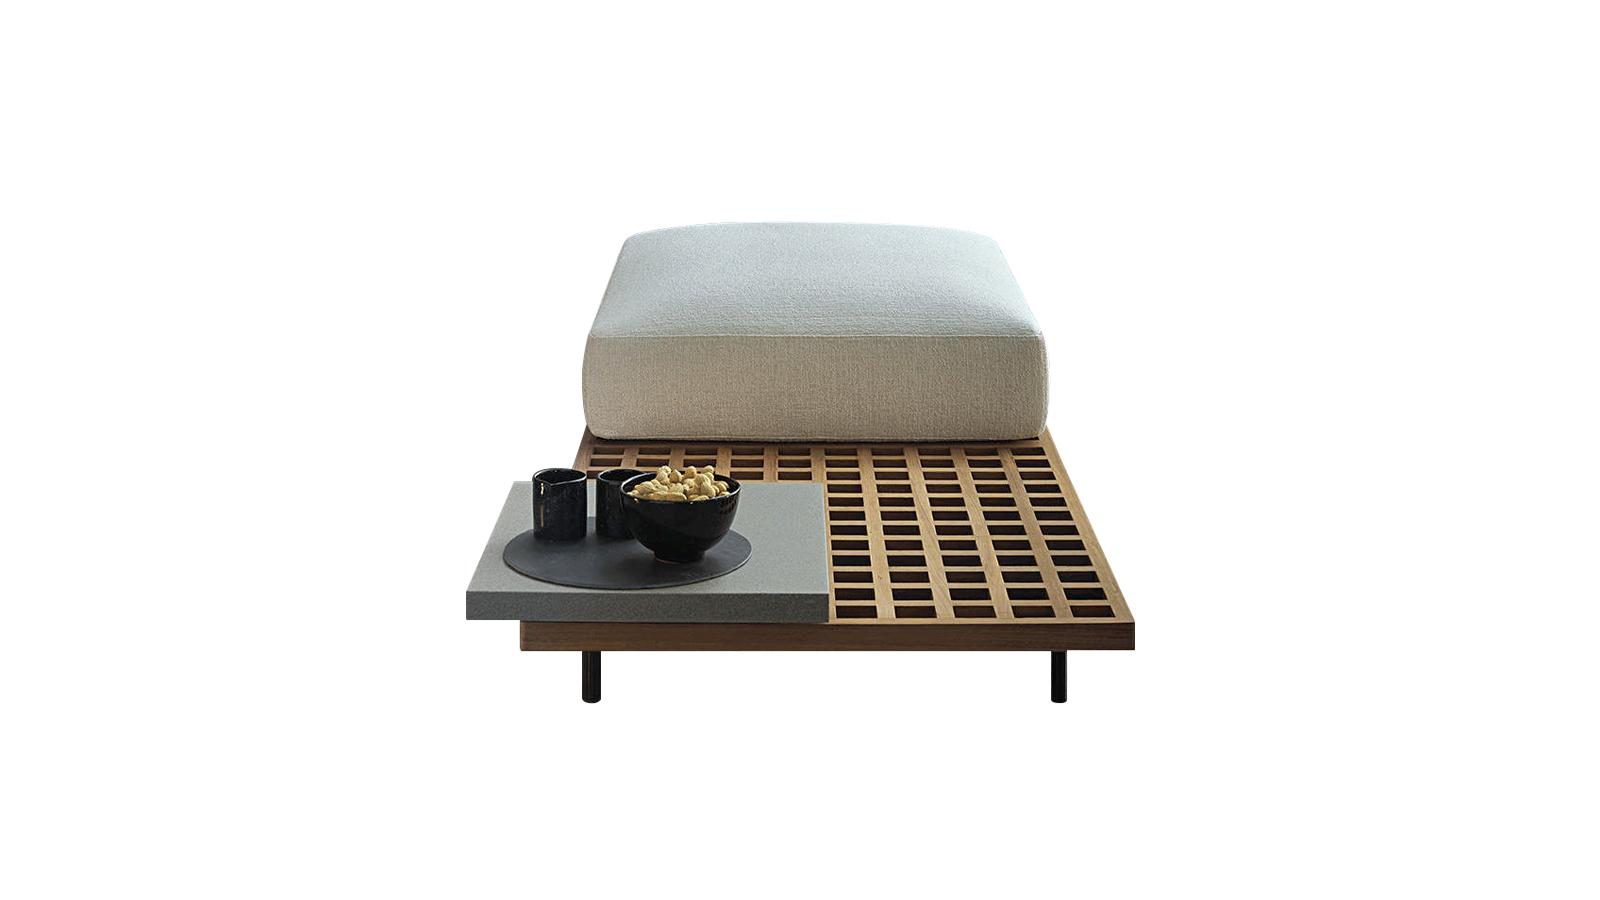 A Minotti kültéri bútorkollekciója moduláris rendszerének köszönhetően egyaránt ideális választás tágasabb terek és szűkebb, városias hangulatú környezet berendezéséhez is. A bútor alapját képező rácsos struktúra a víz hatékony elvezetését szolgálja, a Quadrado bútorai így nem csak stílusosak, de rendkívül praktikusak is. Alacsony kisasztalai jó szolgálatot tehetnek olyan, víznek kitett részeken, mint például a medence partja.